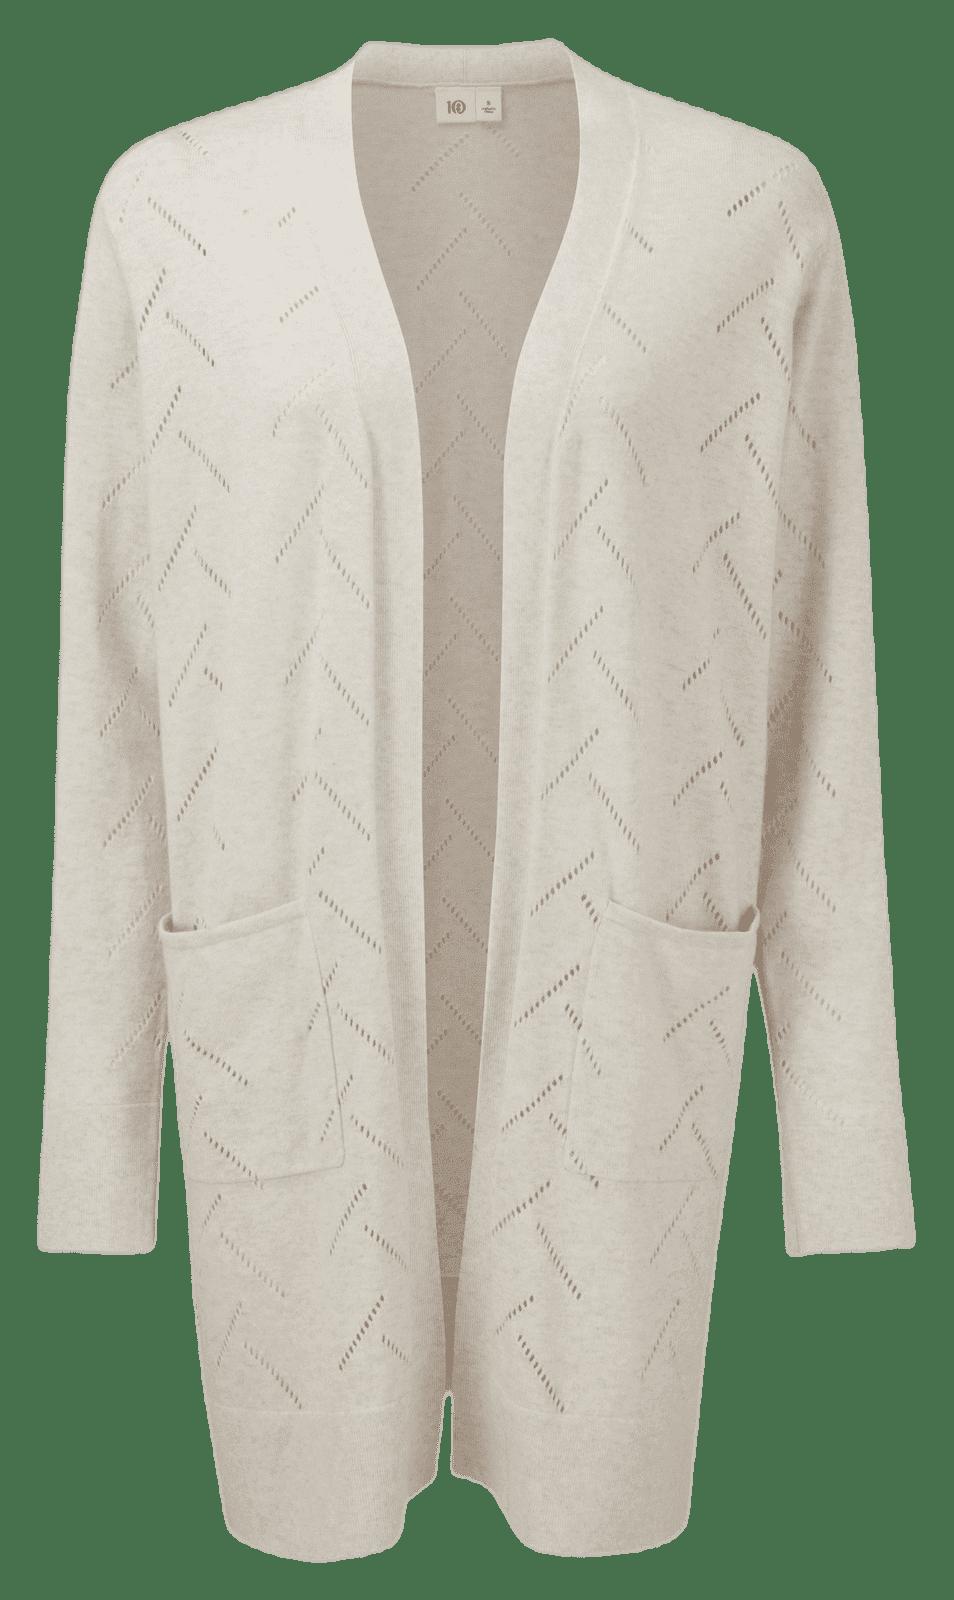 Highline cotton sage tree stitch